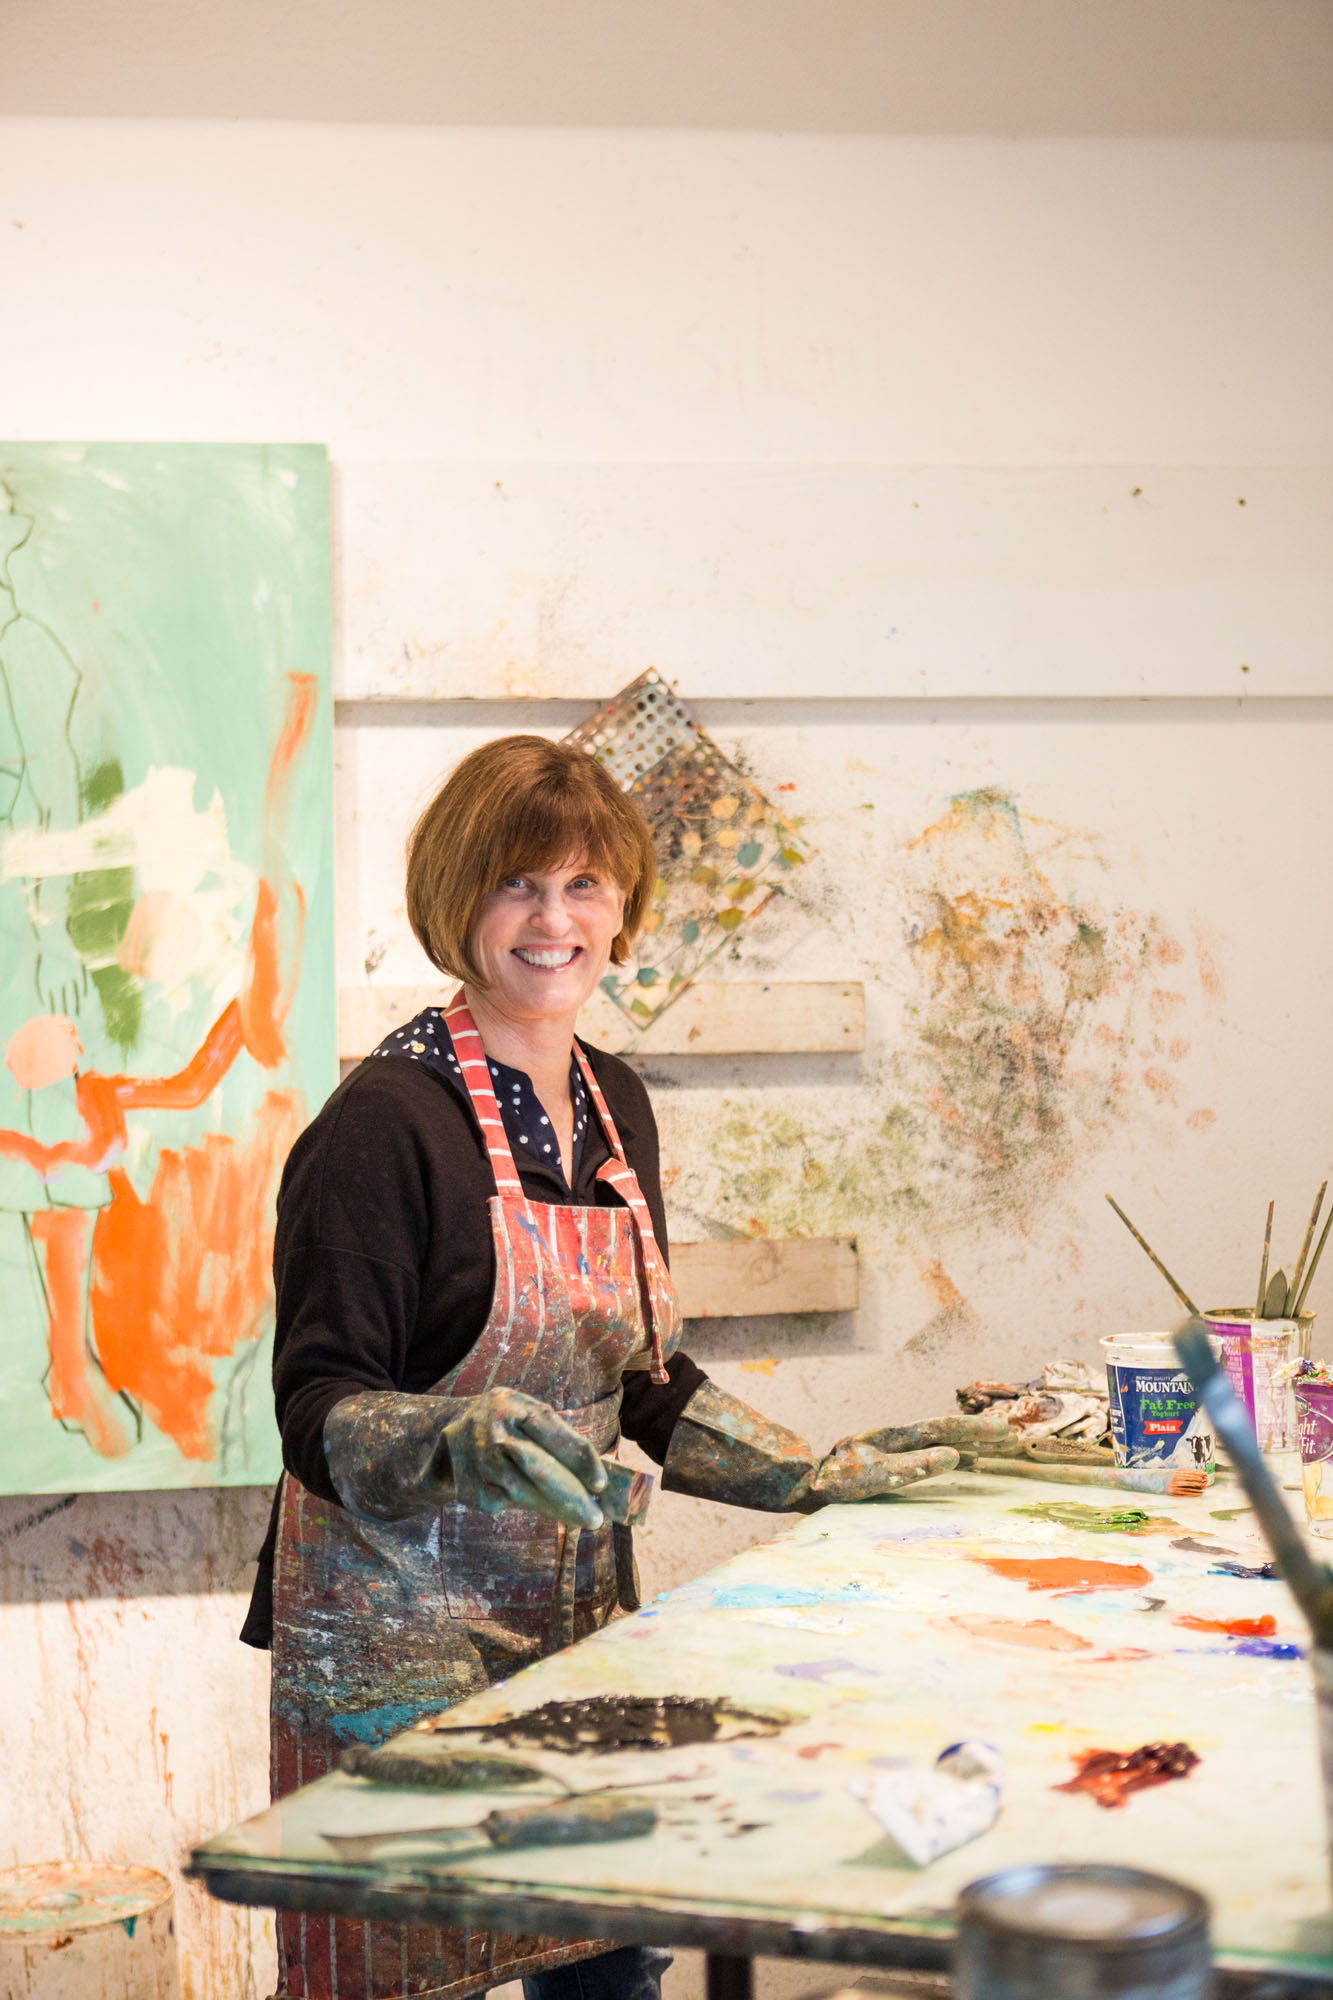 Linda-Christensen-artist-studio-branding-photos-oil-painter07.jpg